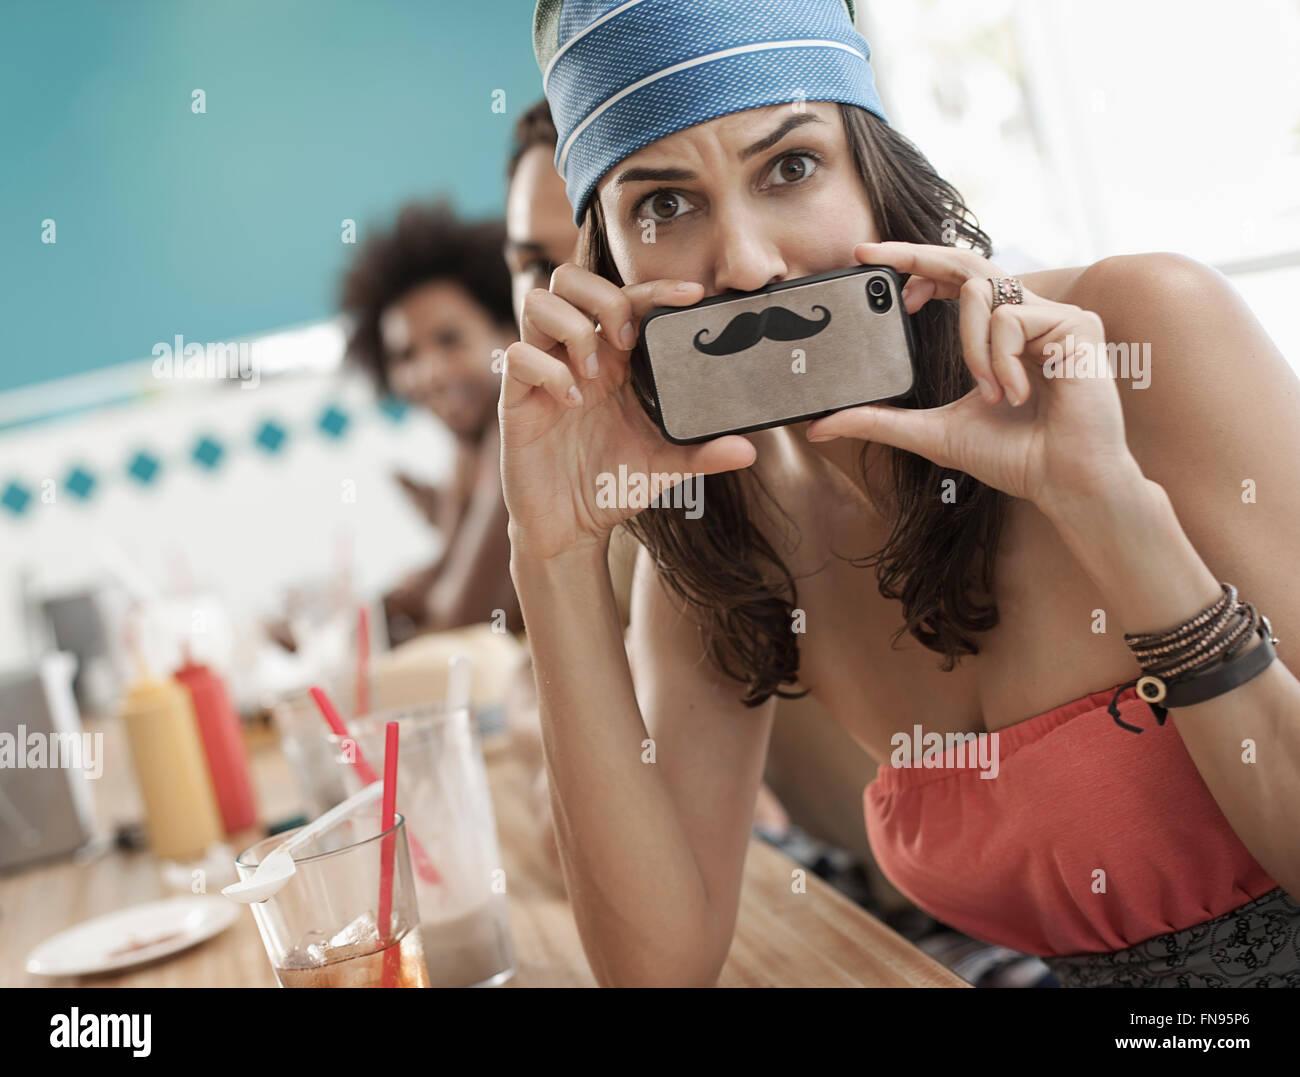 Una mujer sostiene una fotografía de un bigote en su teléfono inteligente justo debajo de su nariz. Imagen De Stock